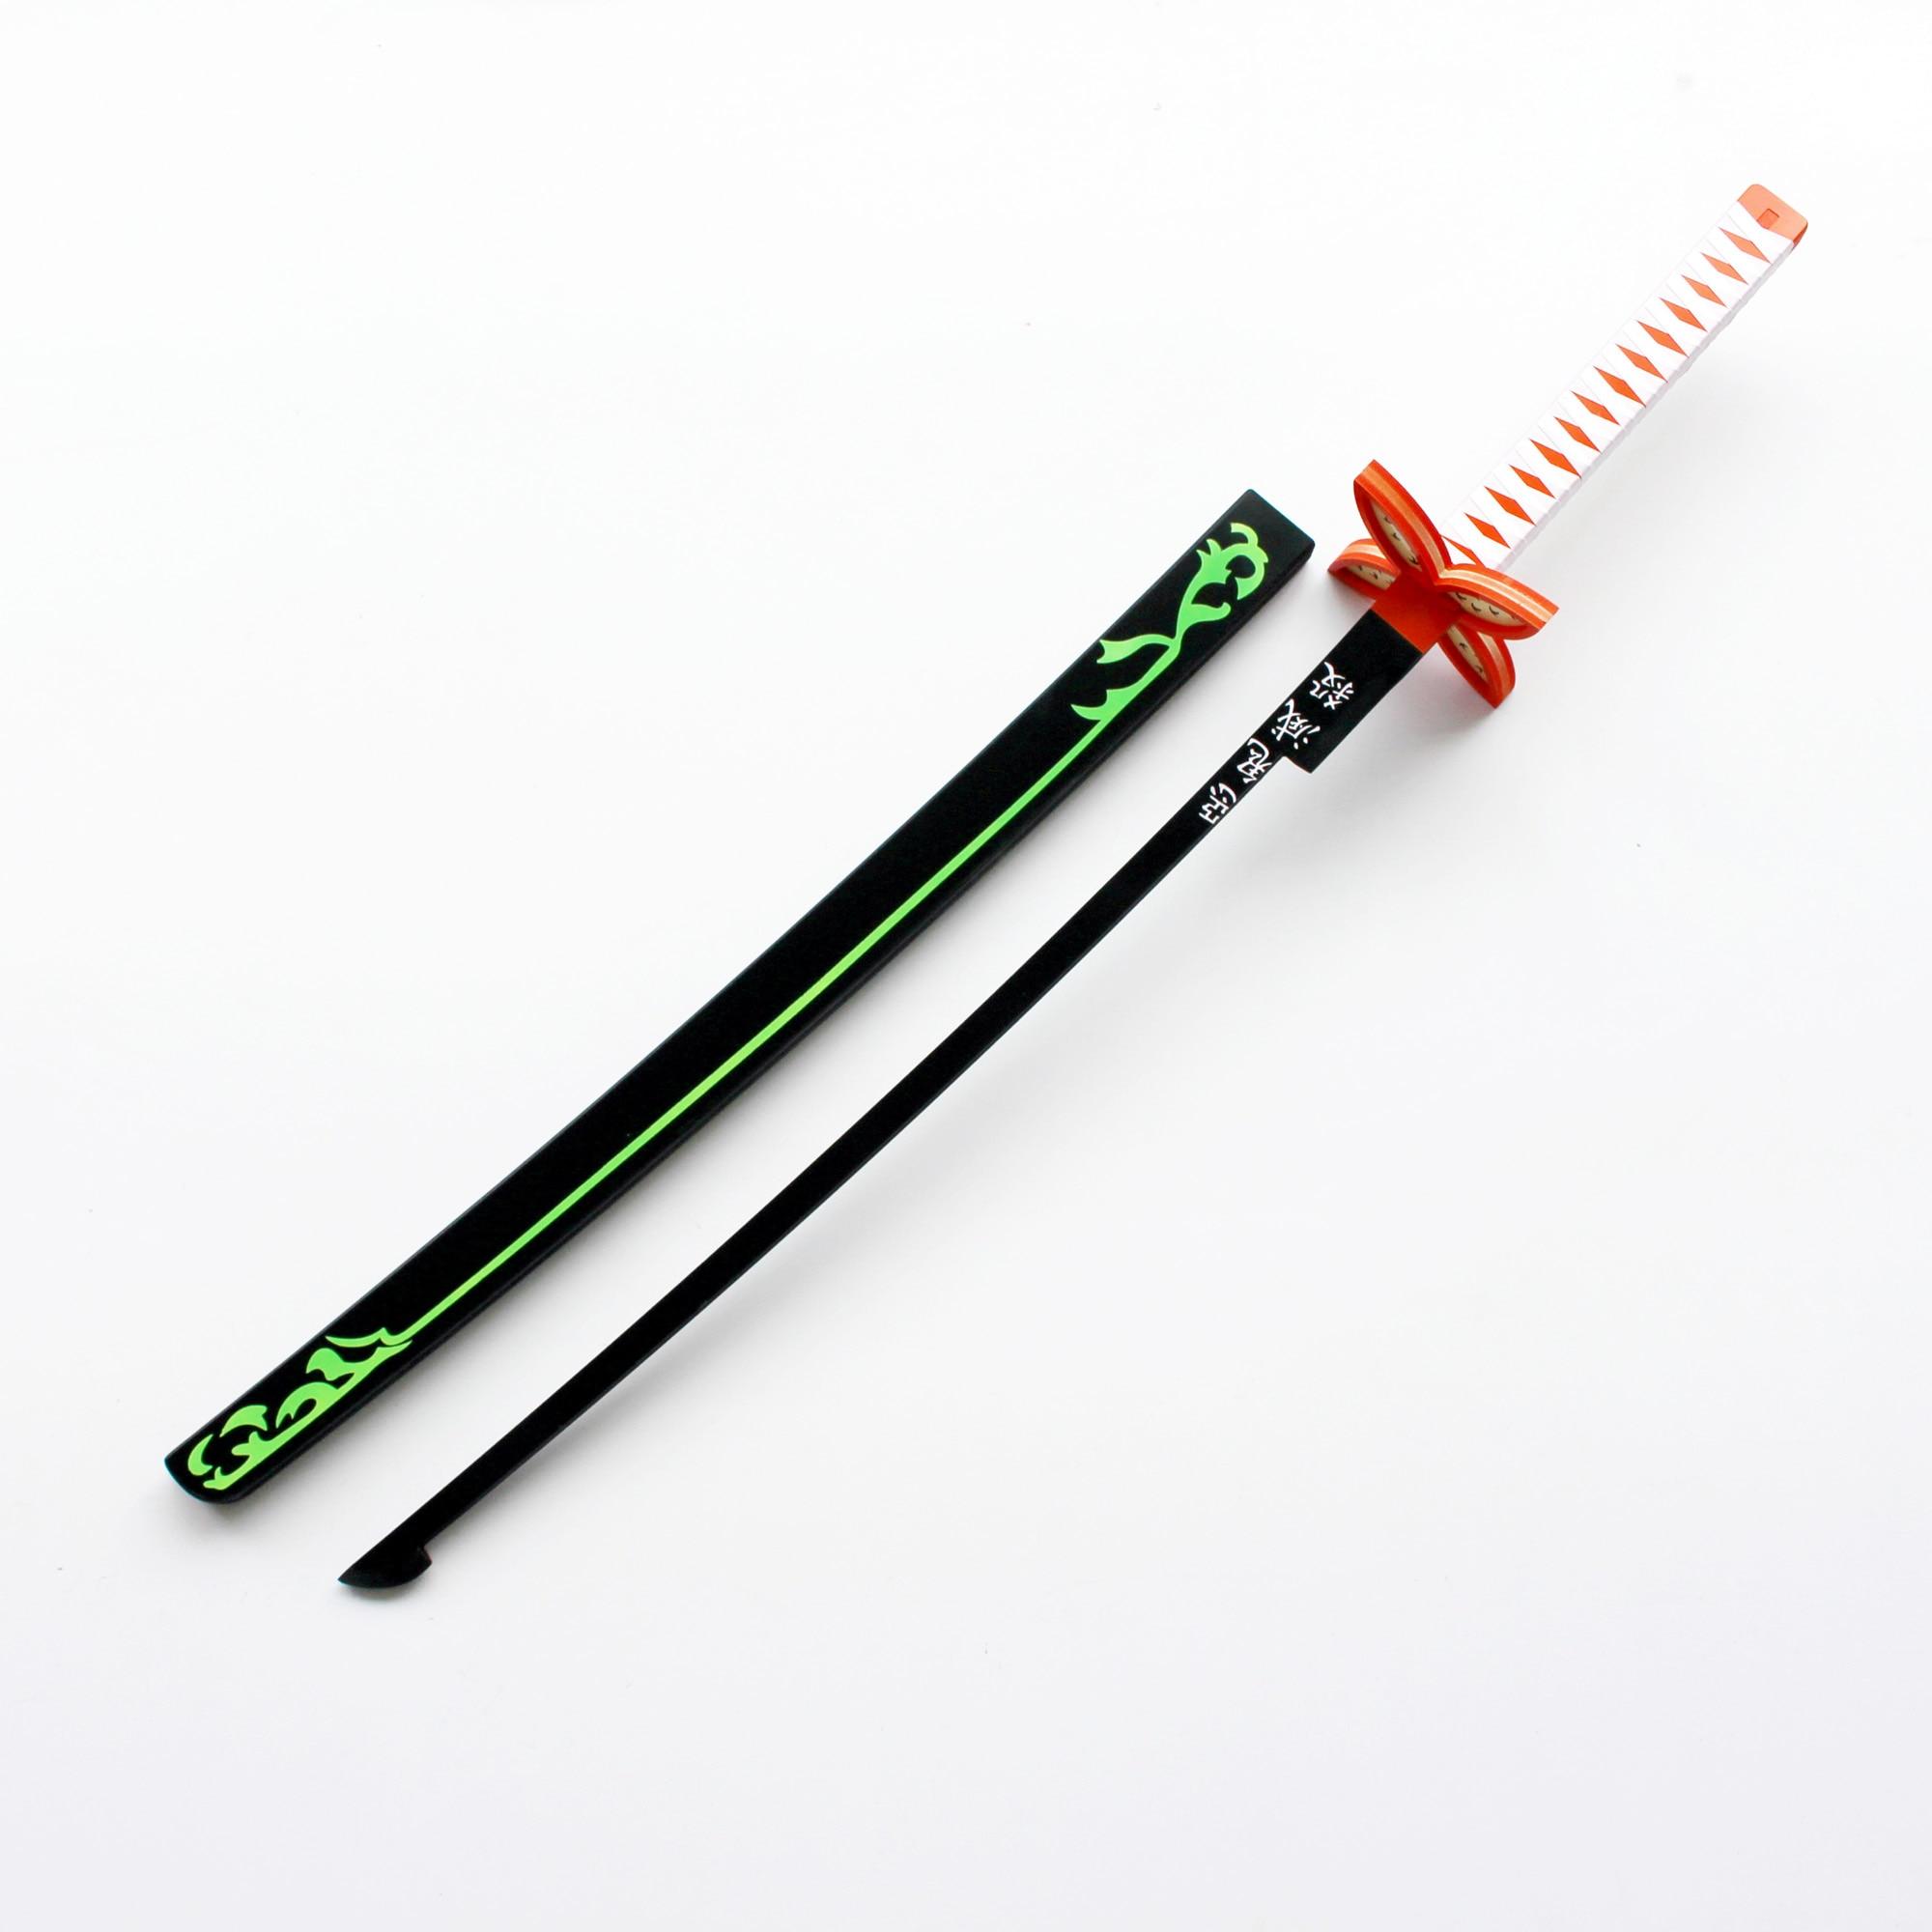 Kochou Shinobu Cosplay espada demonio asesino Kimetsu no Yaiba traje armas Prop